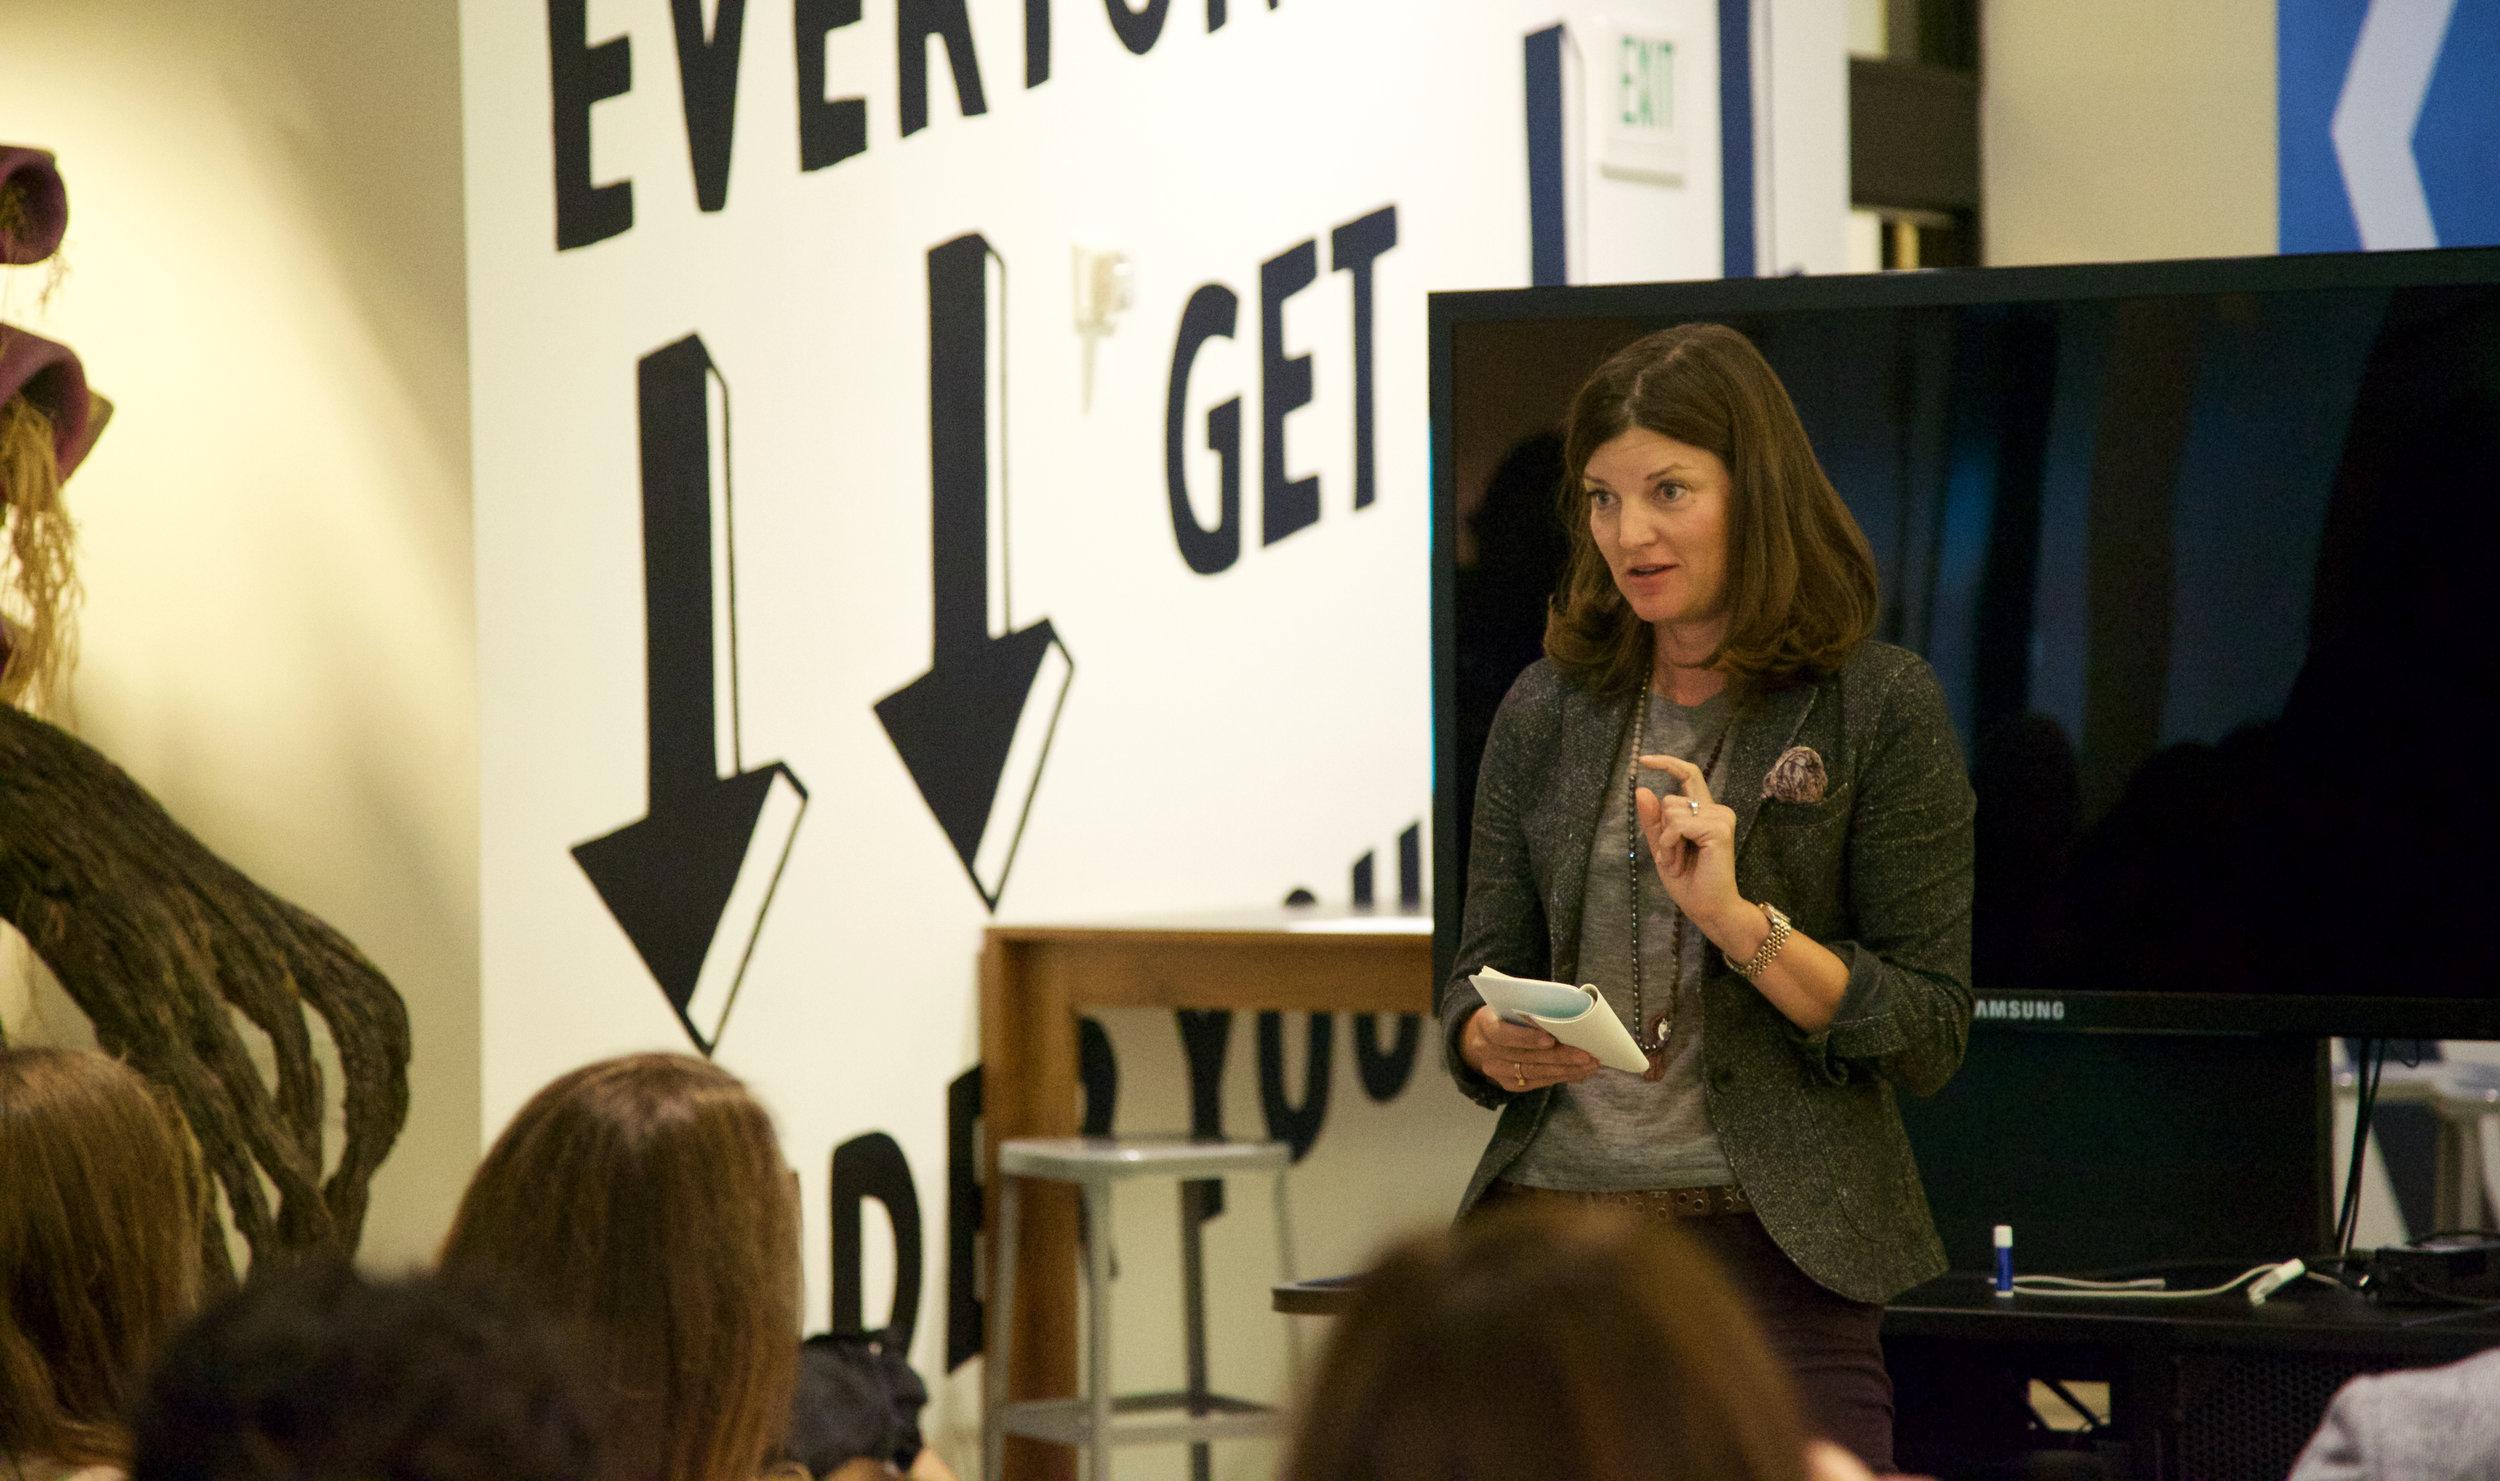 Judge Agatha Precourt announces 1st runner-up: Parenting SOS